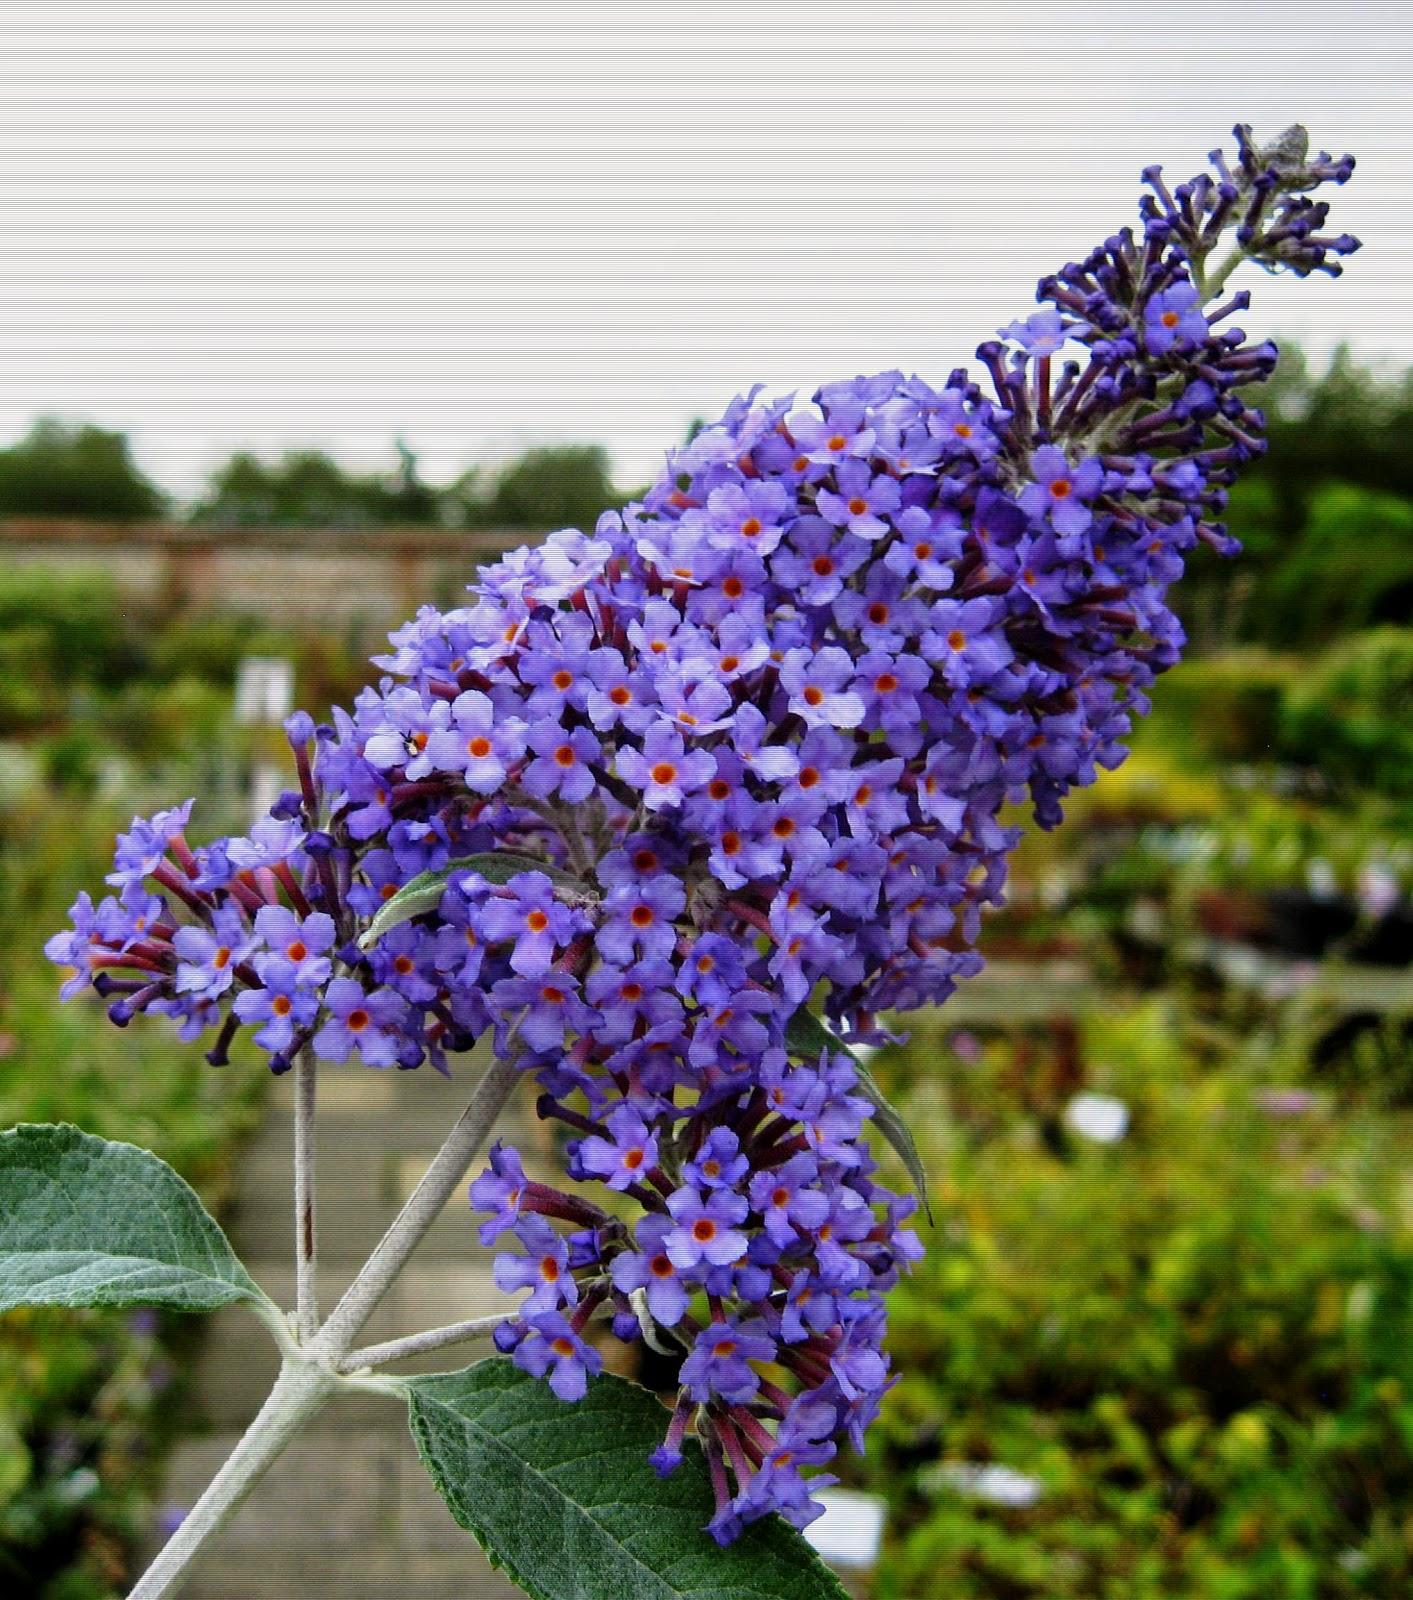 Cvjetajuće grmlje za vaš vrt - Moj Vrt Cvijeća